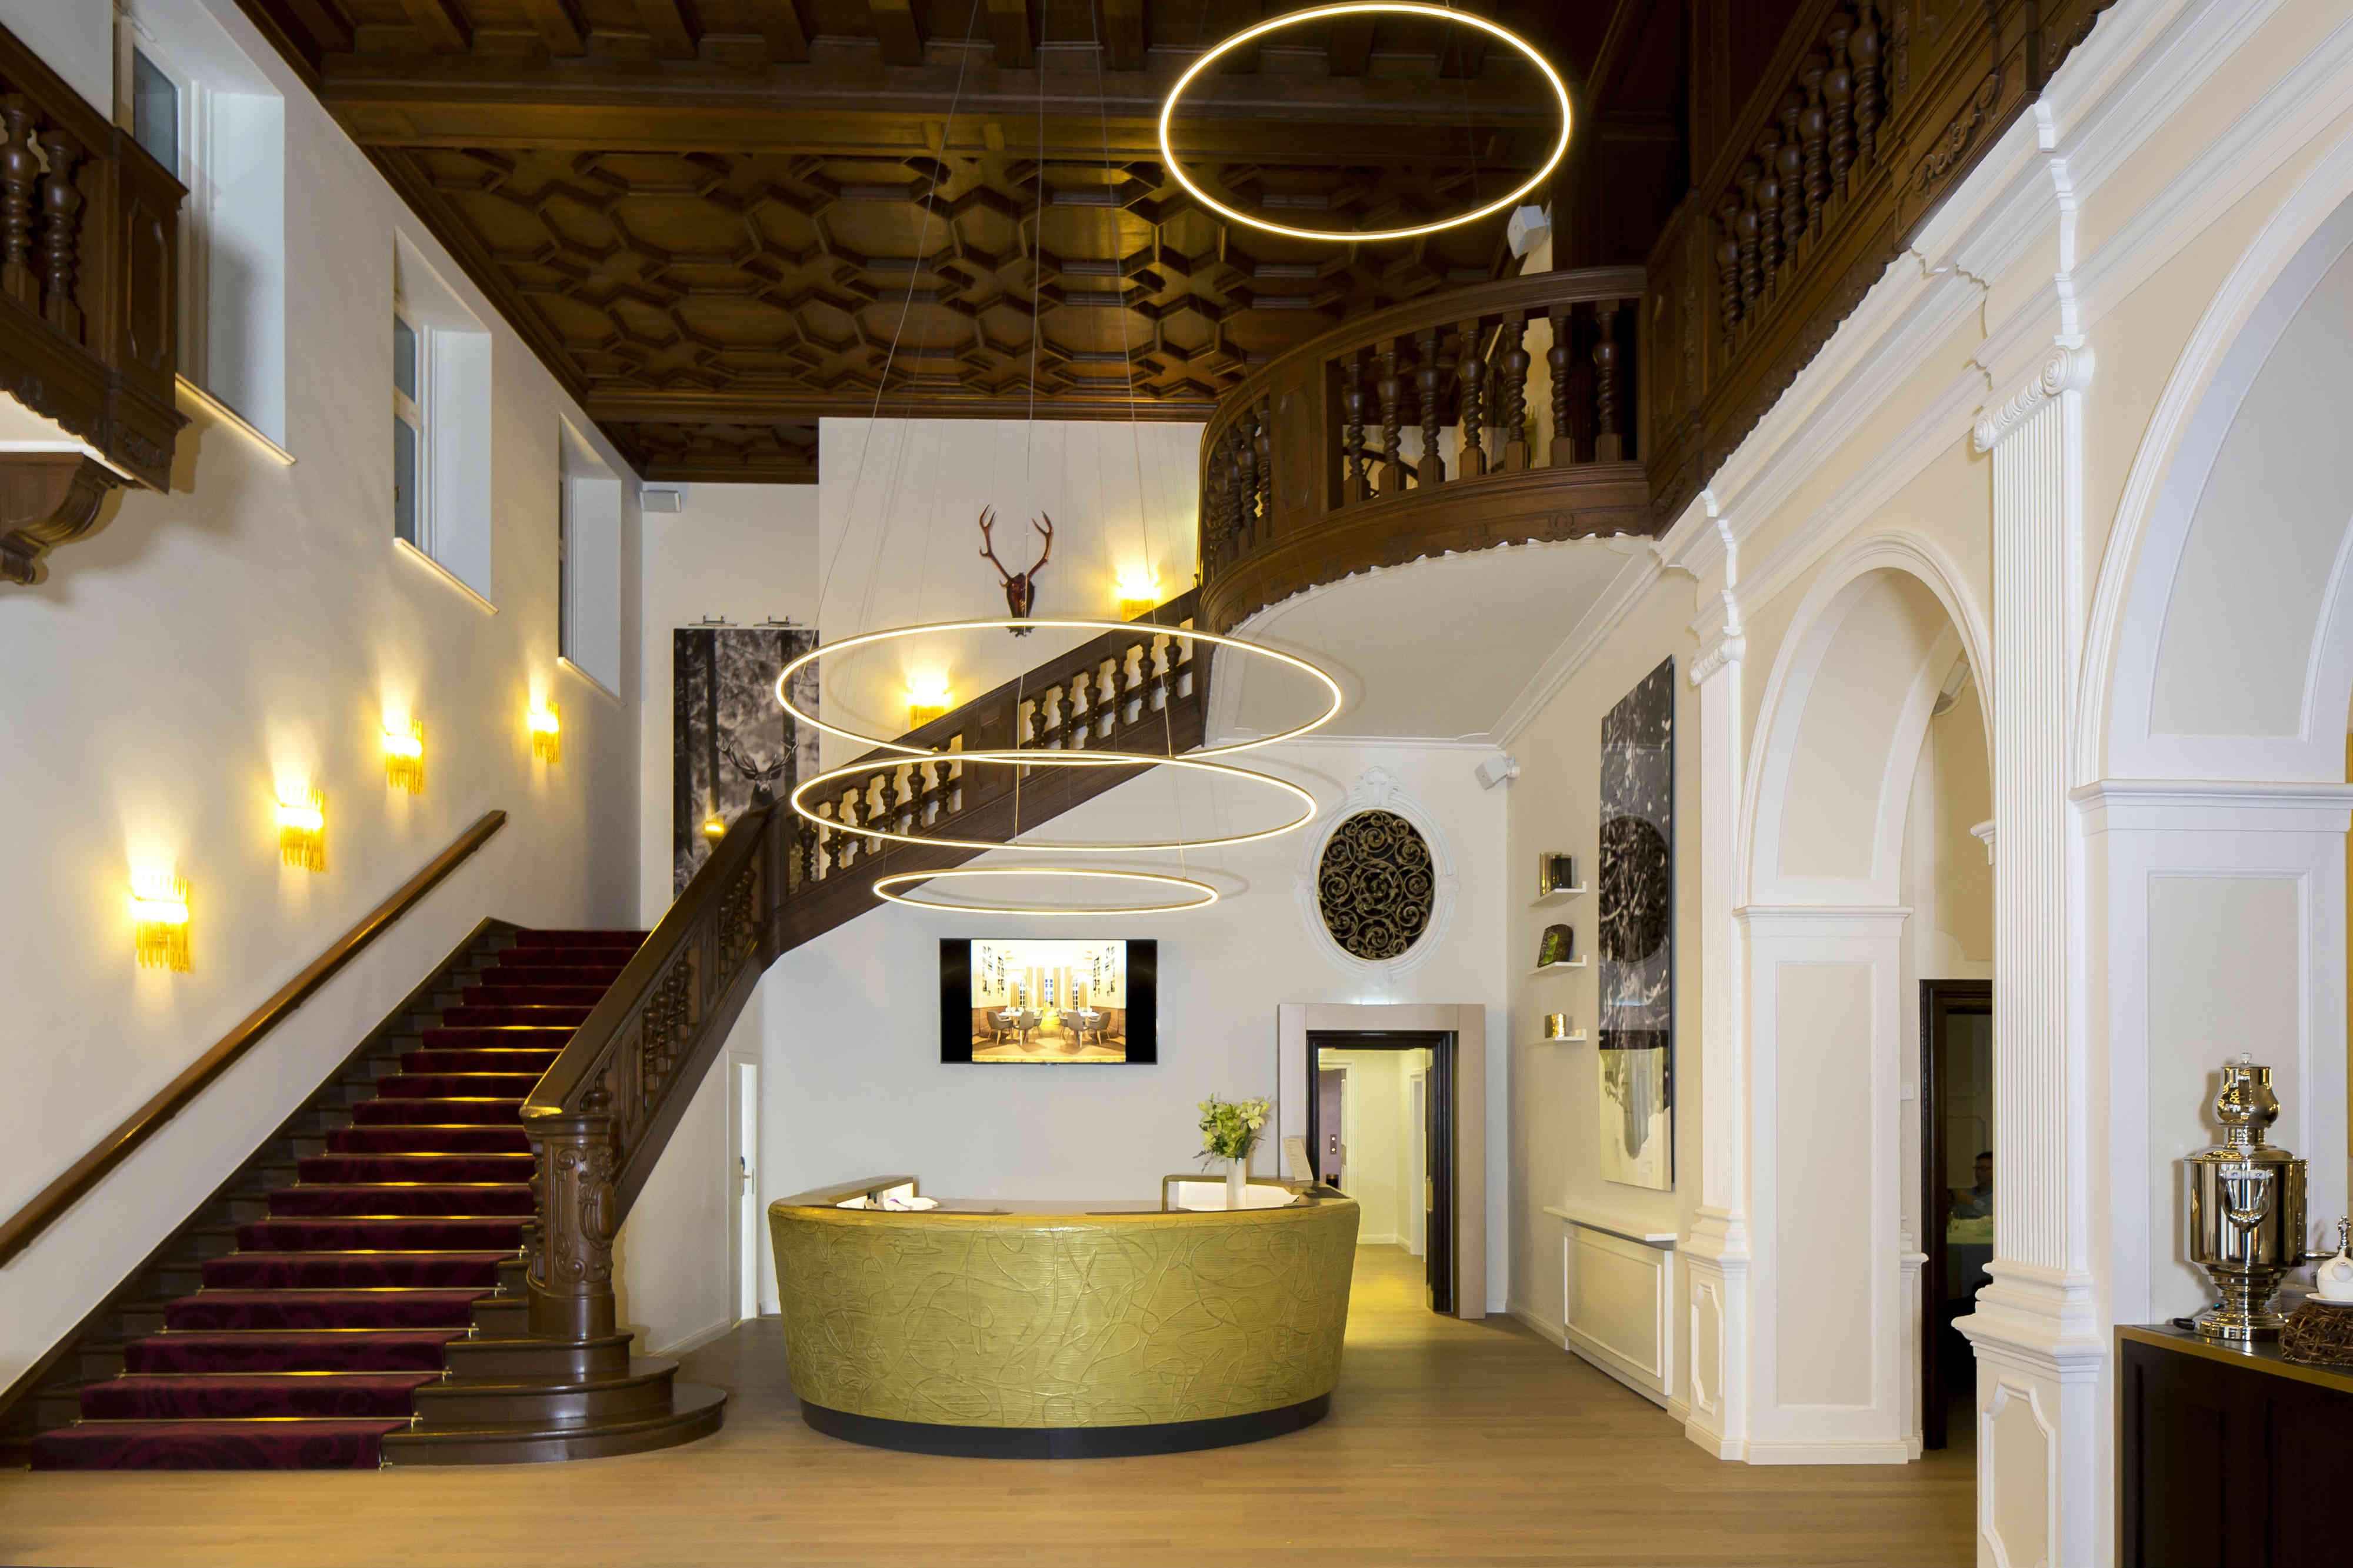 Das Schlosshotel Fleesensee besticht durch barocke Eleganz, stilvoll vereint mit modernem Design.